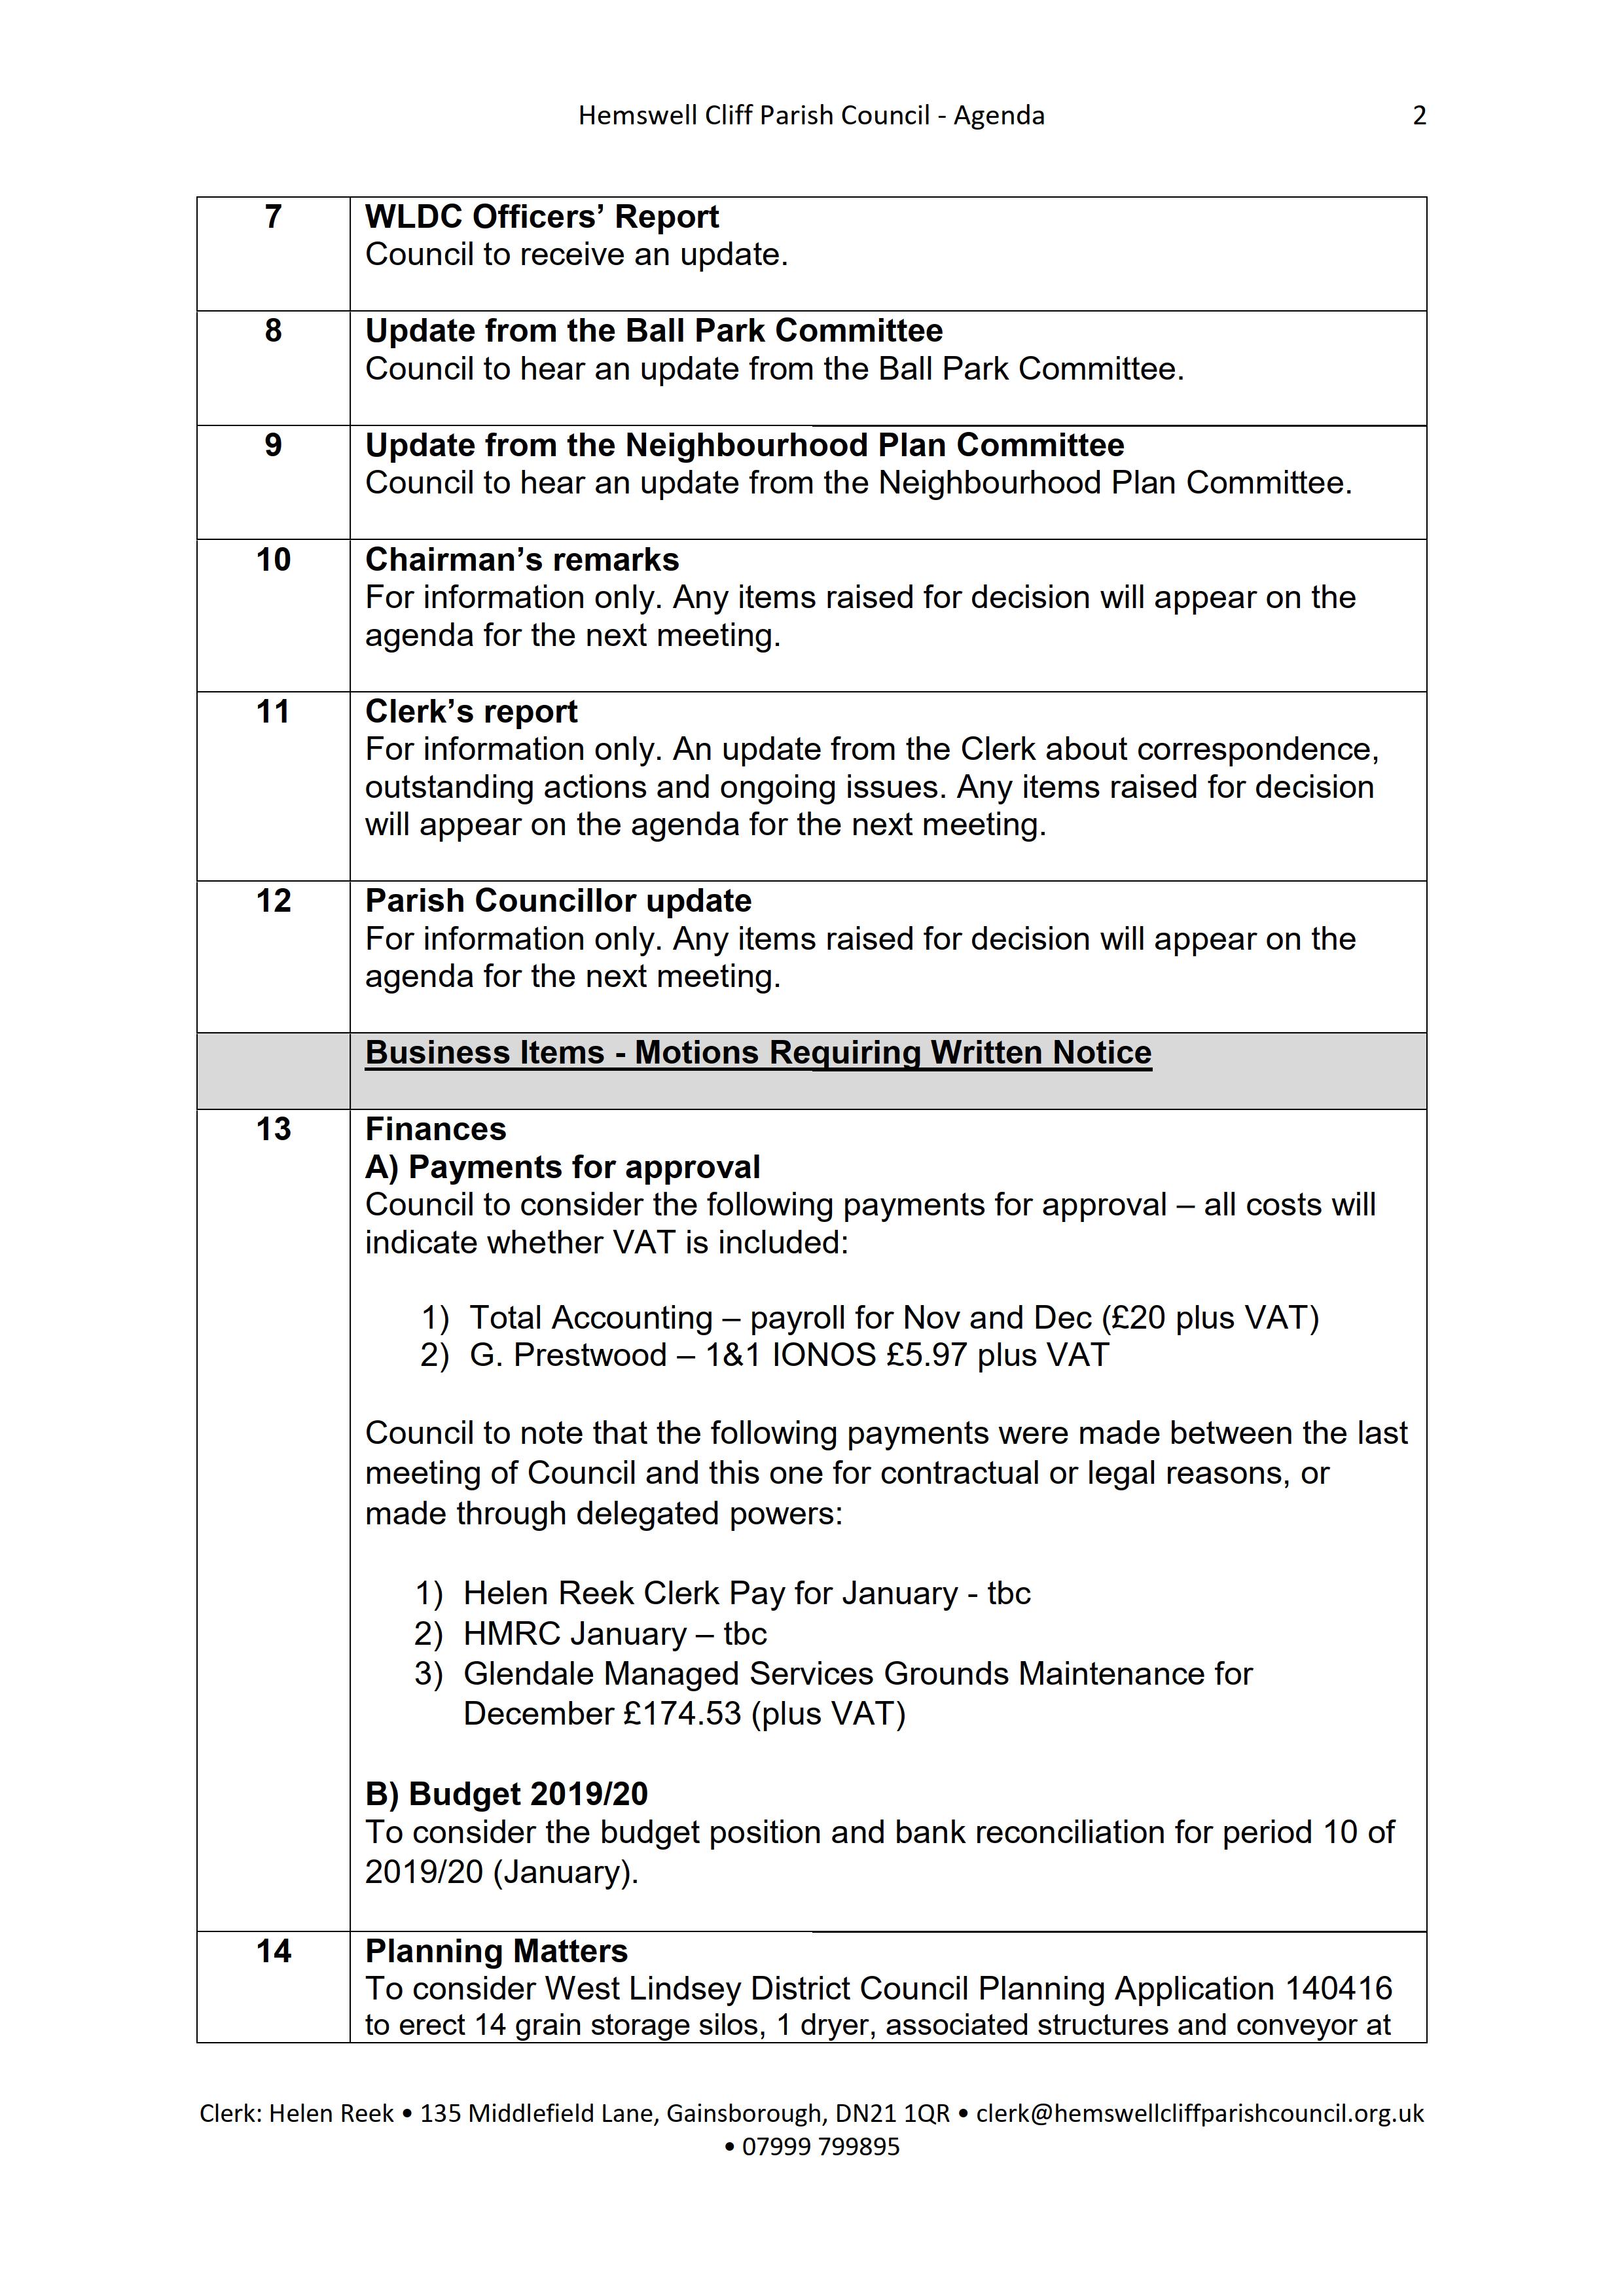 HCPC_Agenda_03.02.20_2.png